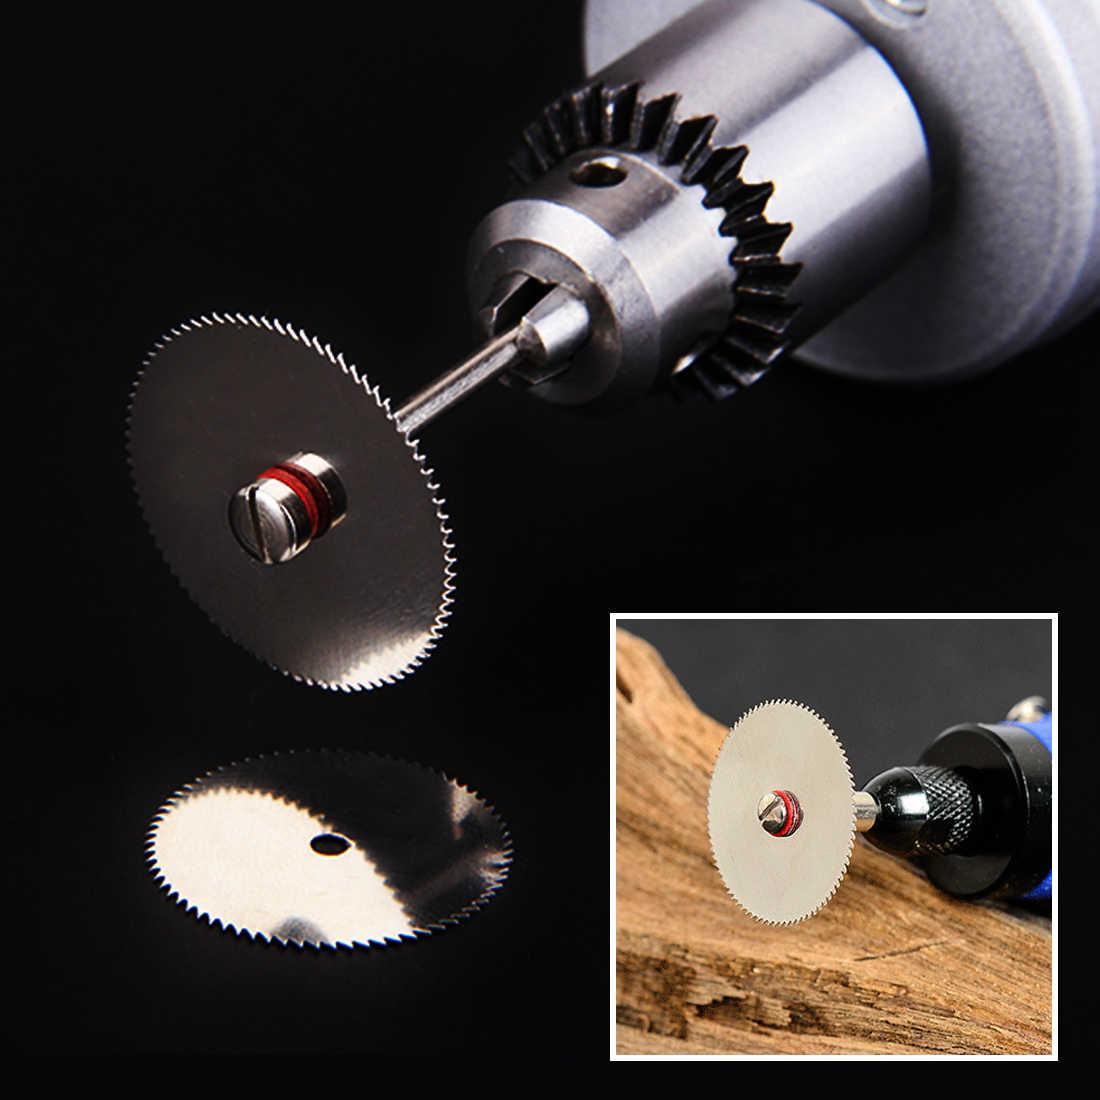 โรตารี่เครื่องมือตัดเครื่องมือสำหรับงานไม้เครื่องมือตัดอุปกรณ์เสริม 5x22 มม.แผ่นตัดไม้